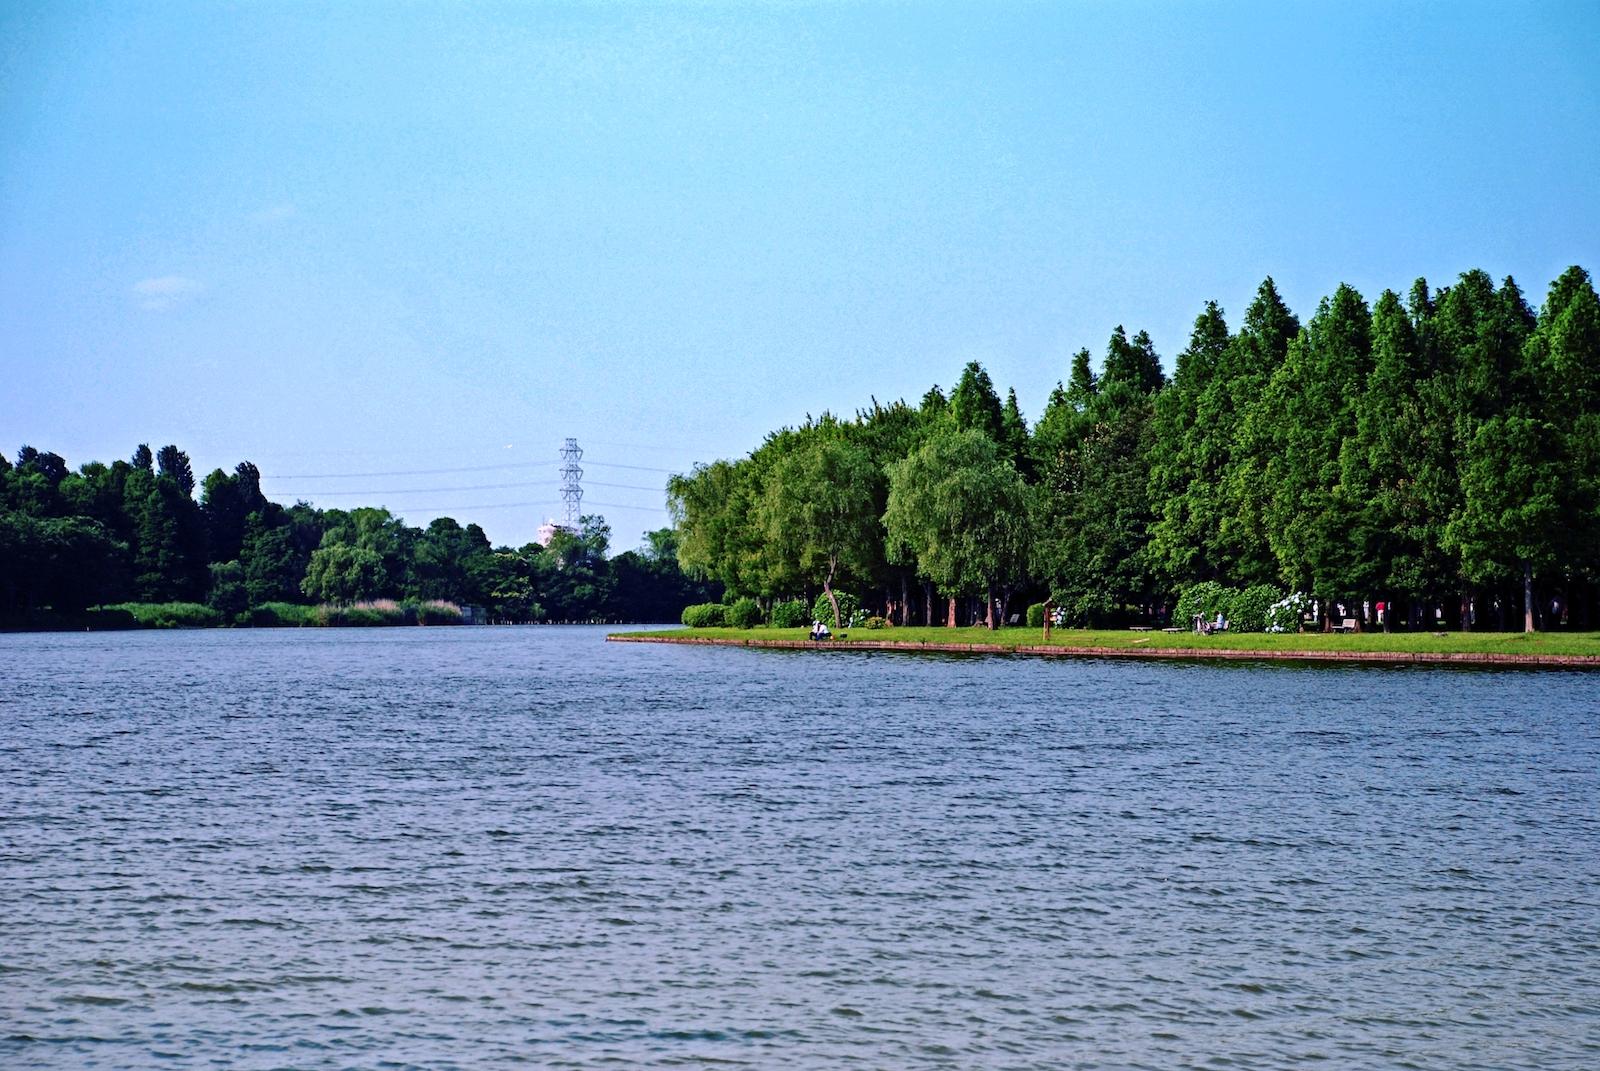 駐 水 車場 公園 元 都立公園、駐車場・遊具広場も閉鎖へ GWの3密対策